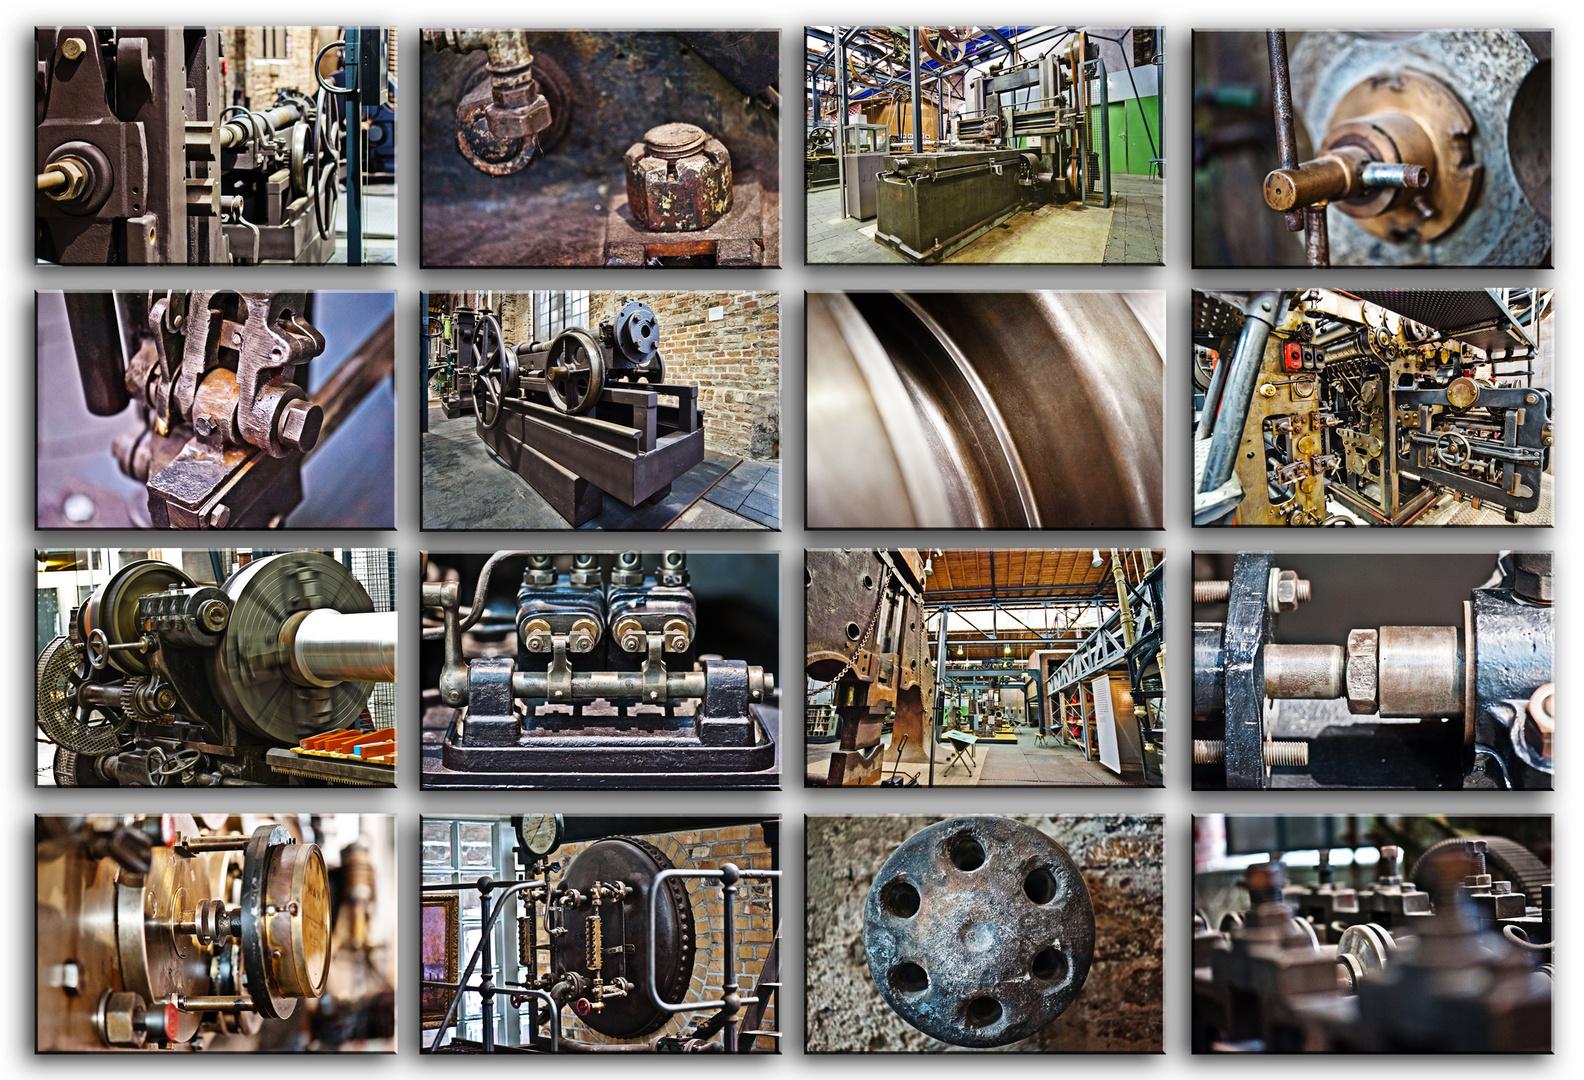 Industriemuseum Oberhausen - Technikdetails